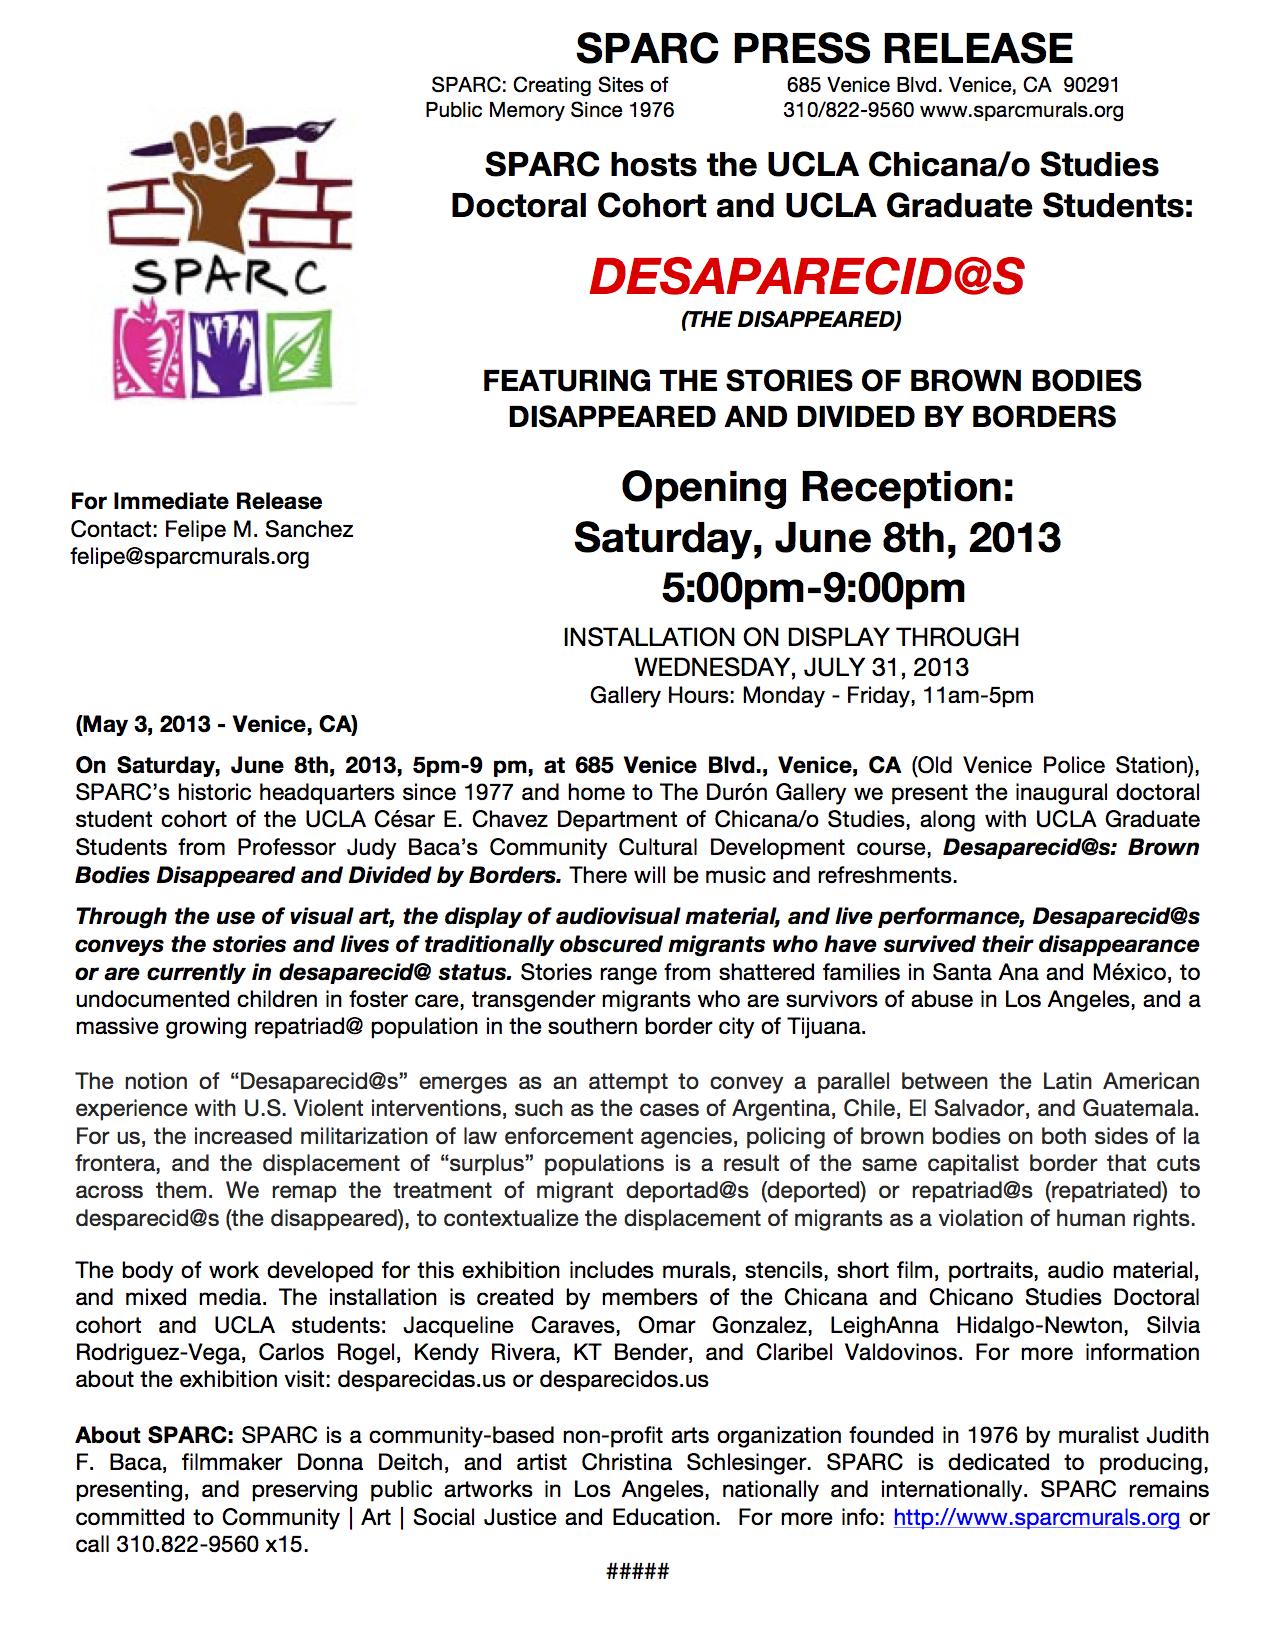 Desaparecidos Press Release_FINAL copy